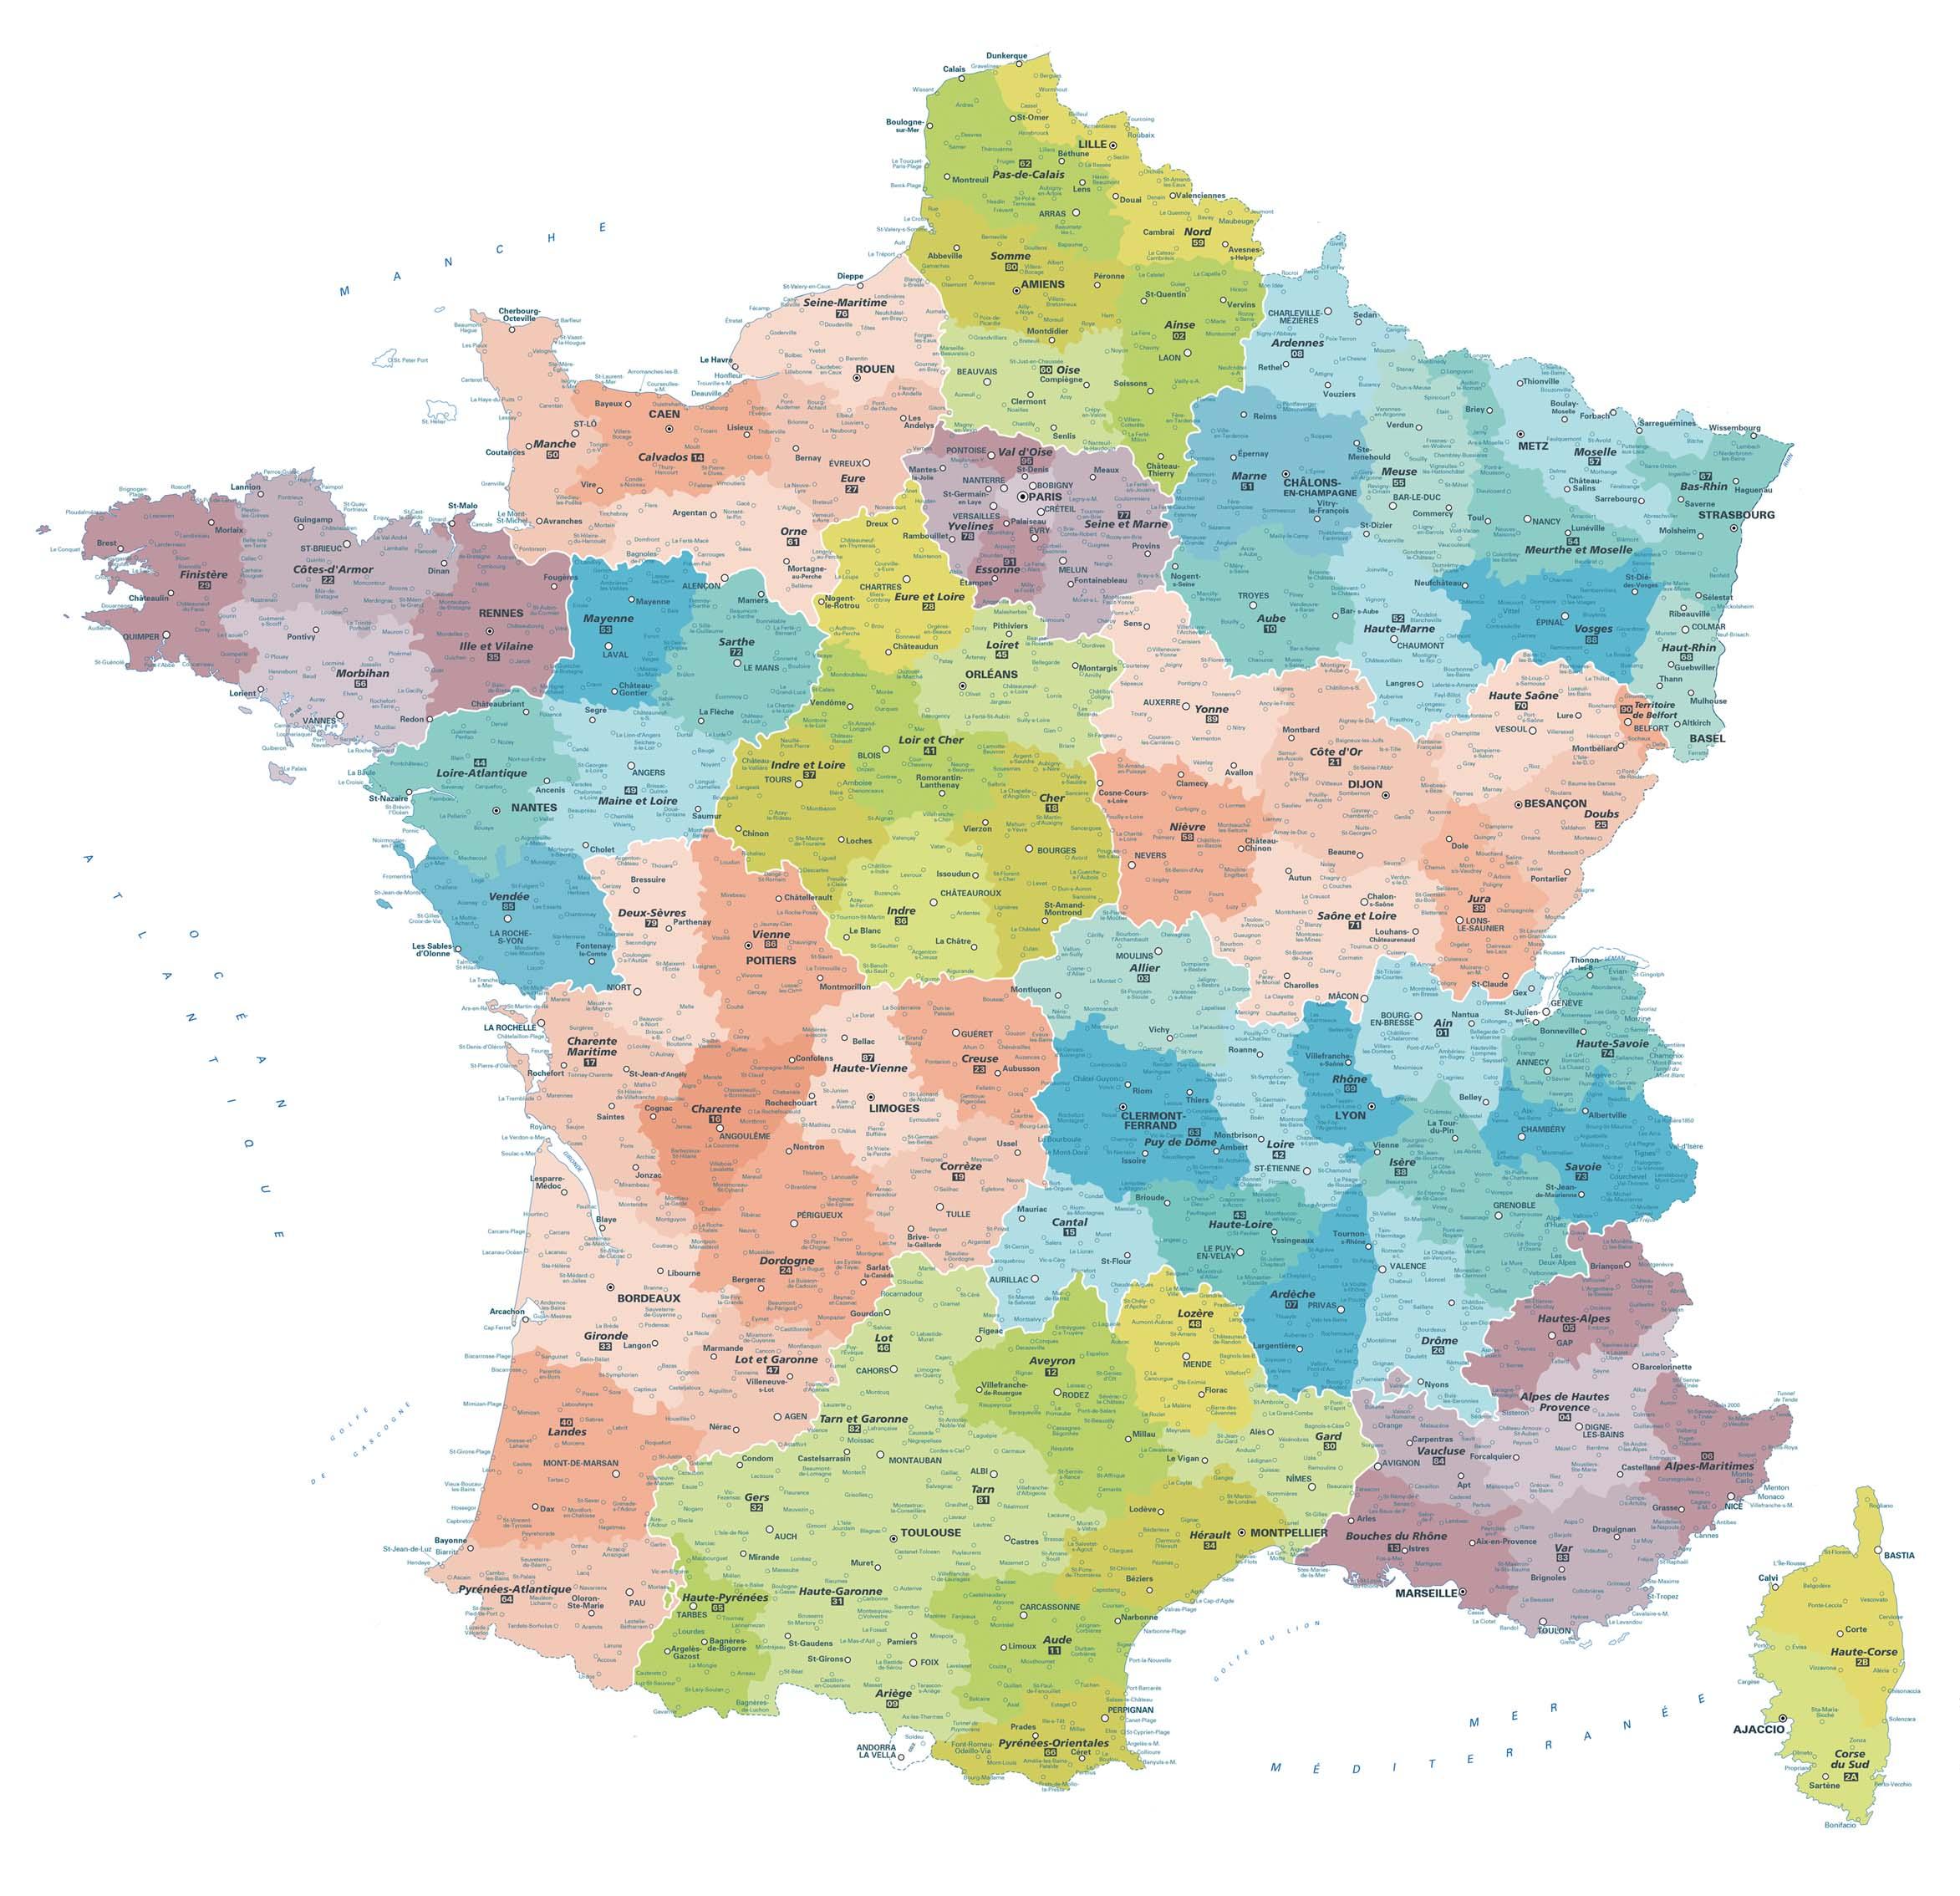 Cartes Géographiques - Tous Les Fournisseurs - Carte De concernant Carte De France Grand Format